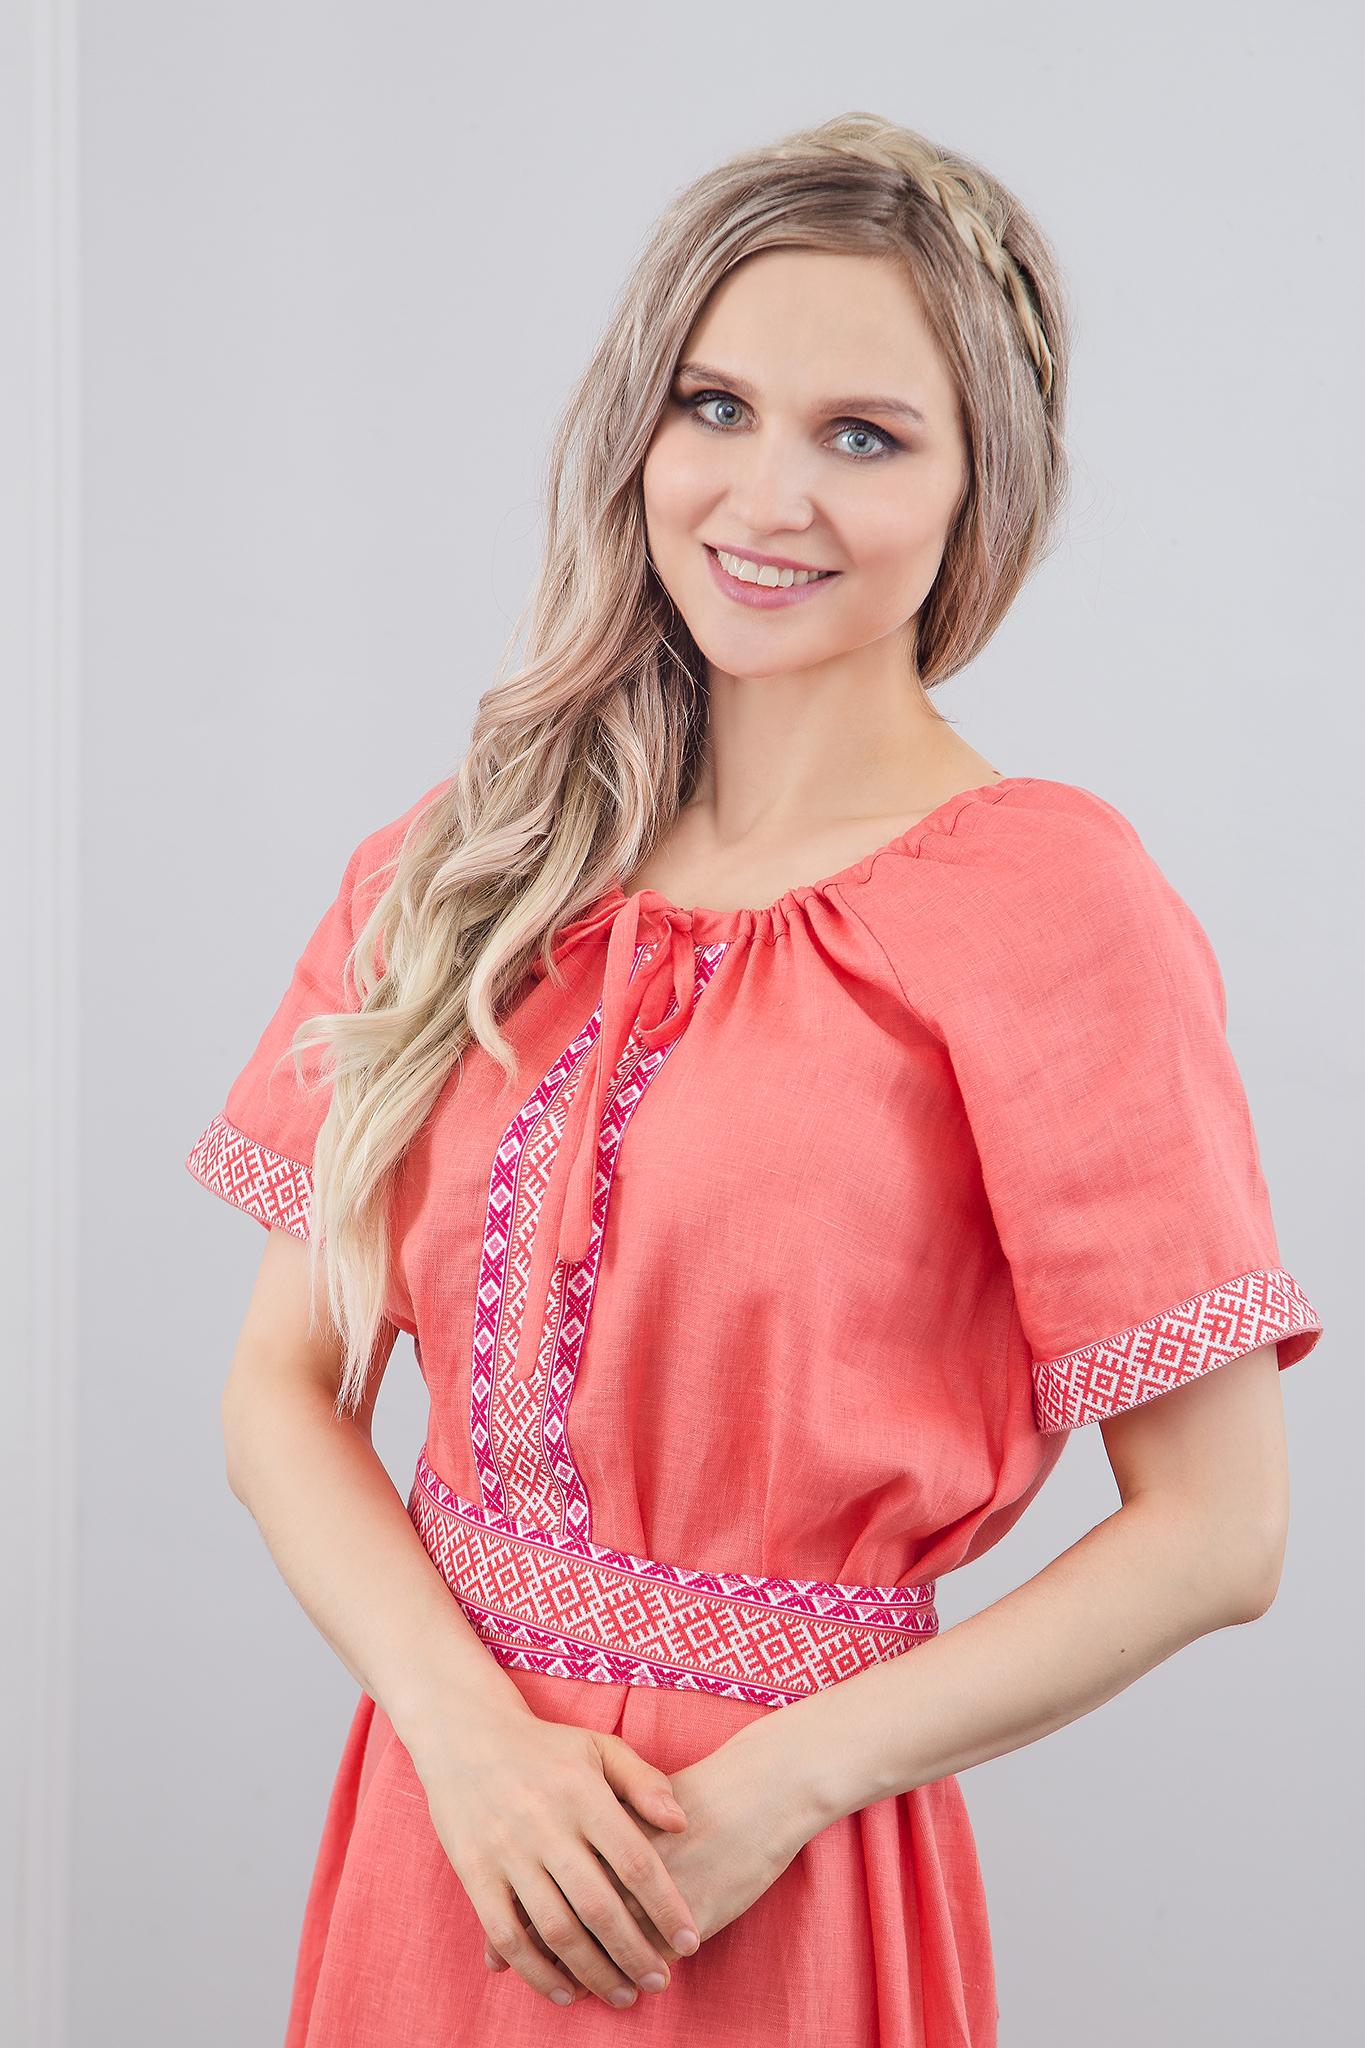 Льняное платье Сила младости приближенный фрагмент